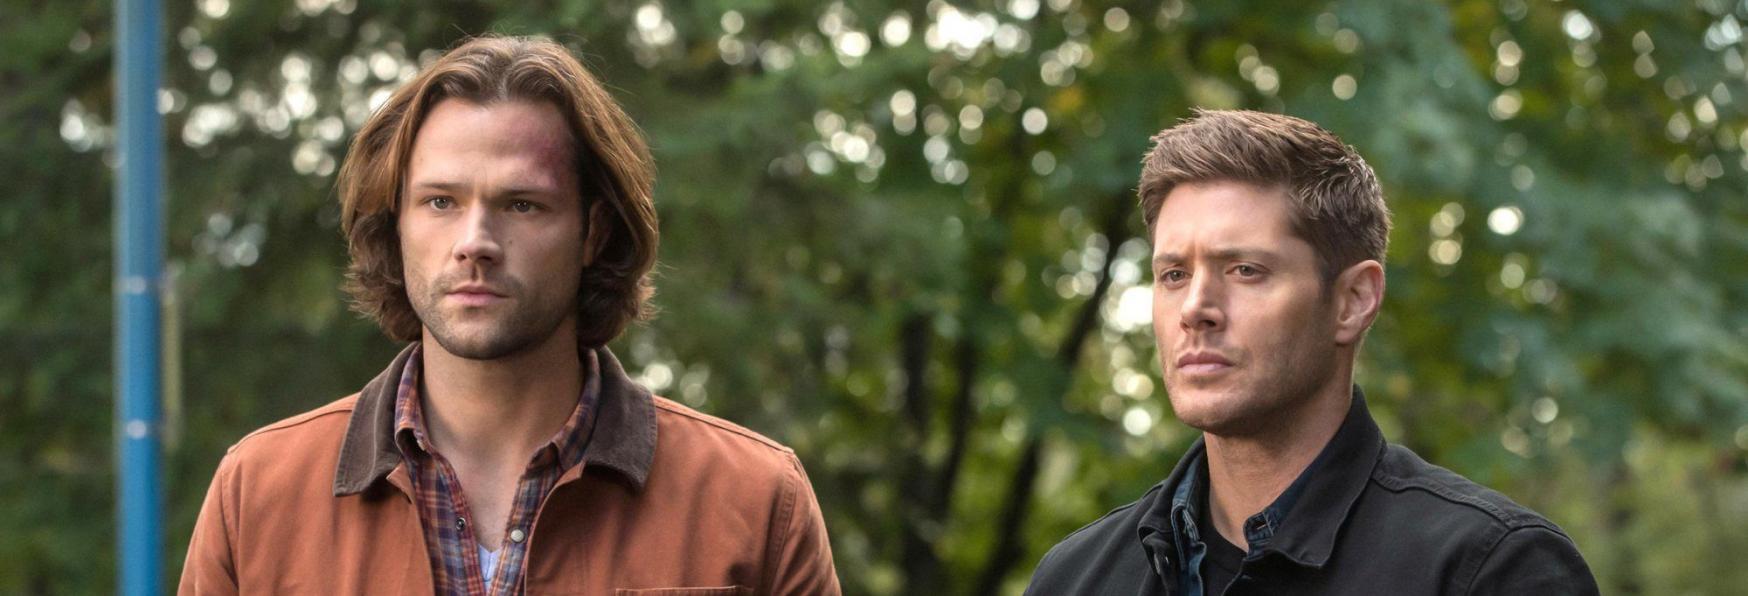 Supernatural 15: svelato il Trailer del Finale della Serie TV targata The CW